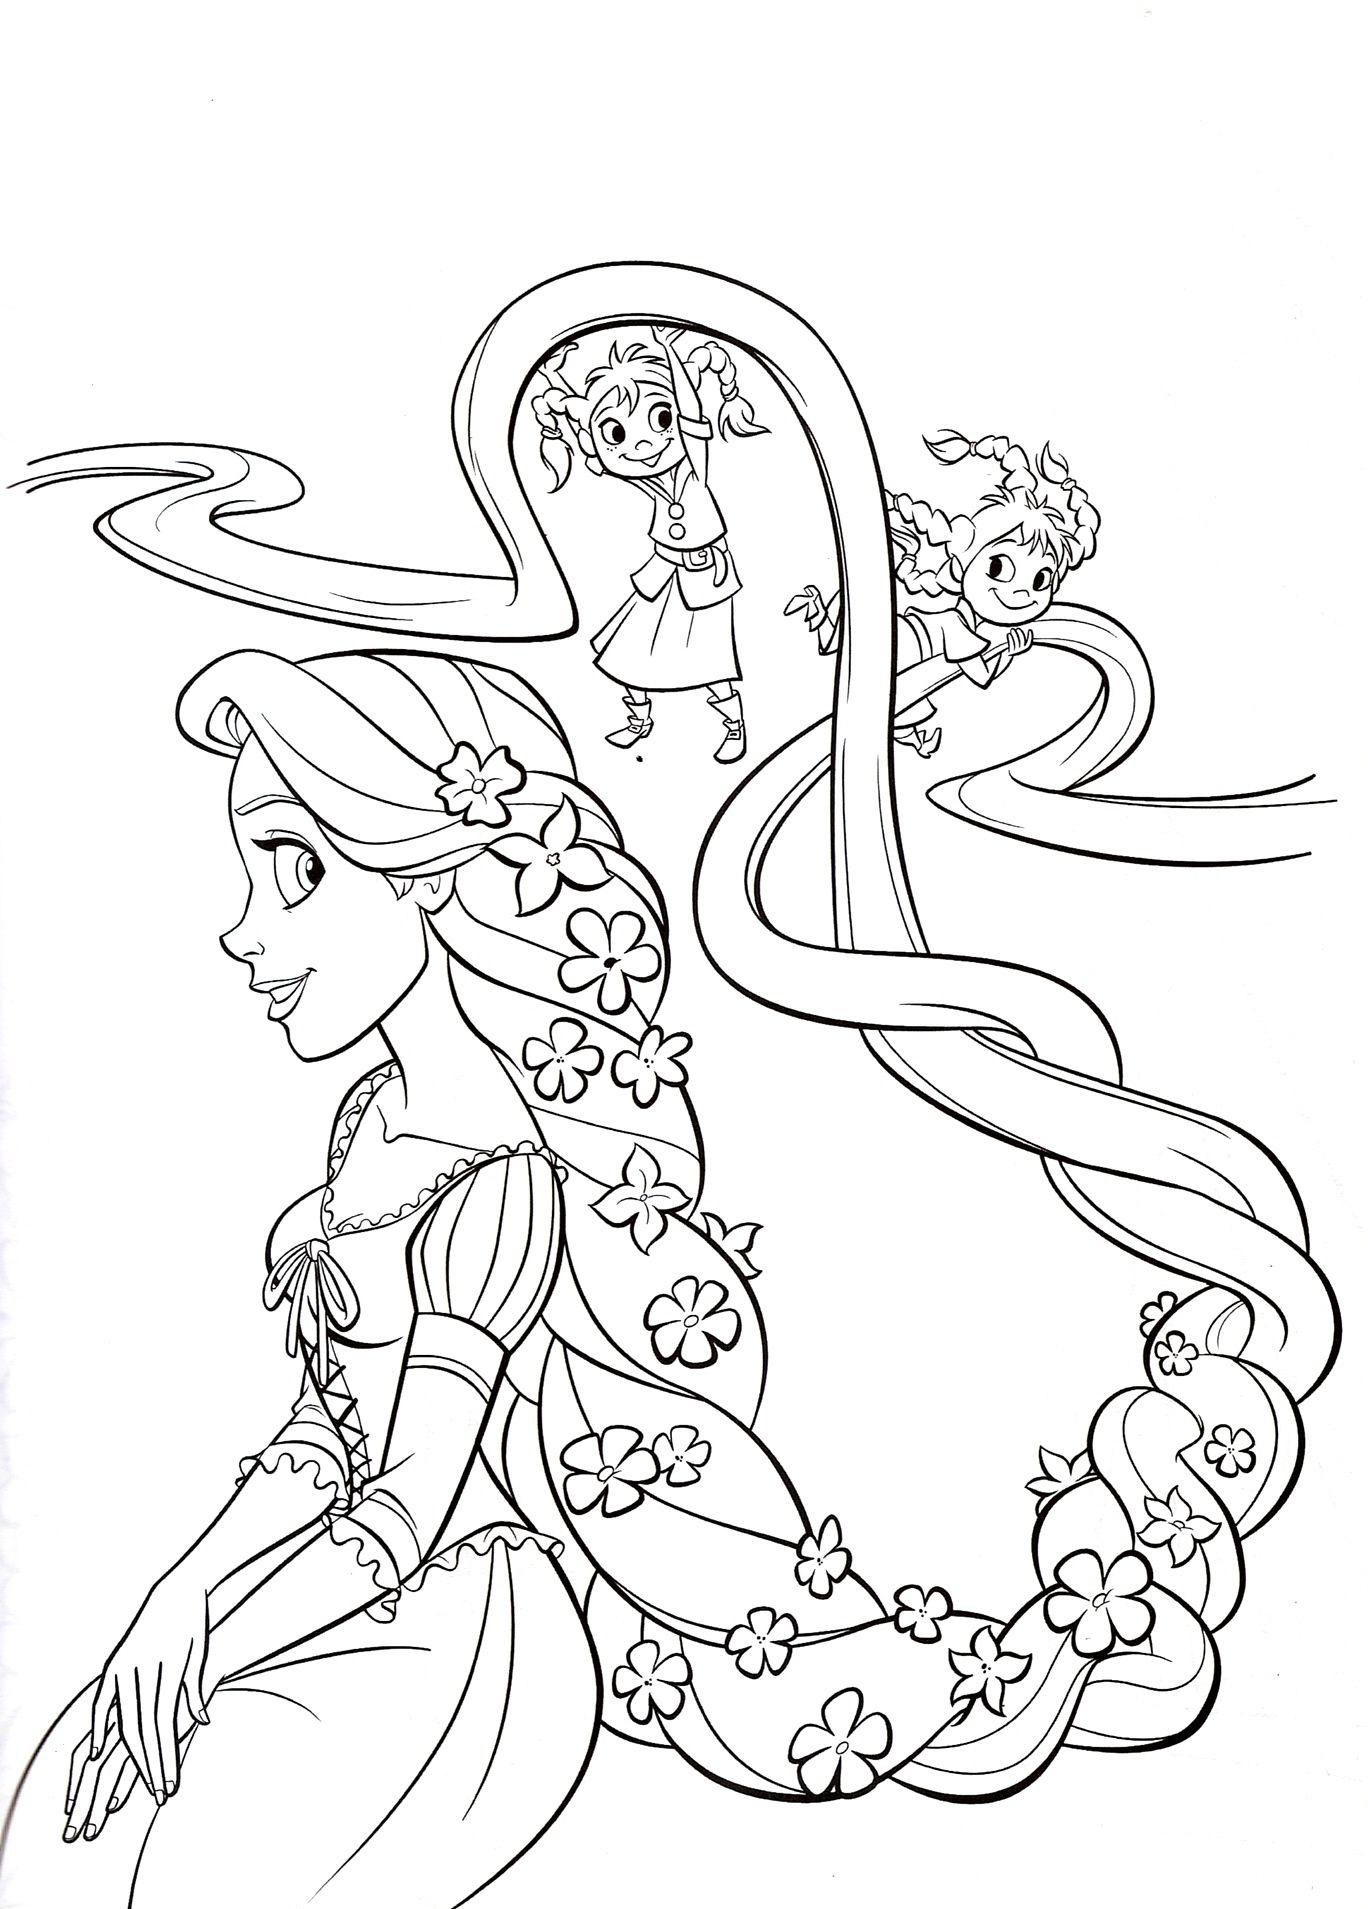 dibujos de las princesas para colorear e imprimir Archivos ...